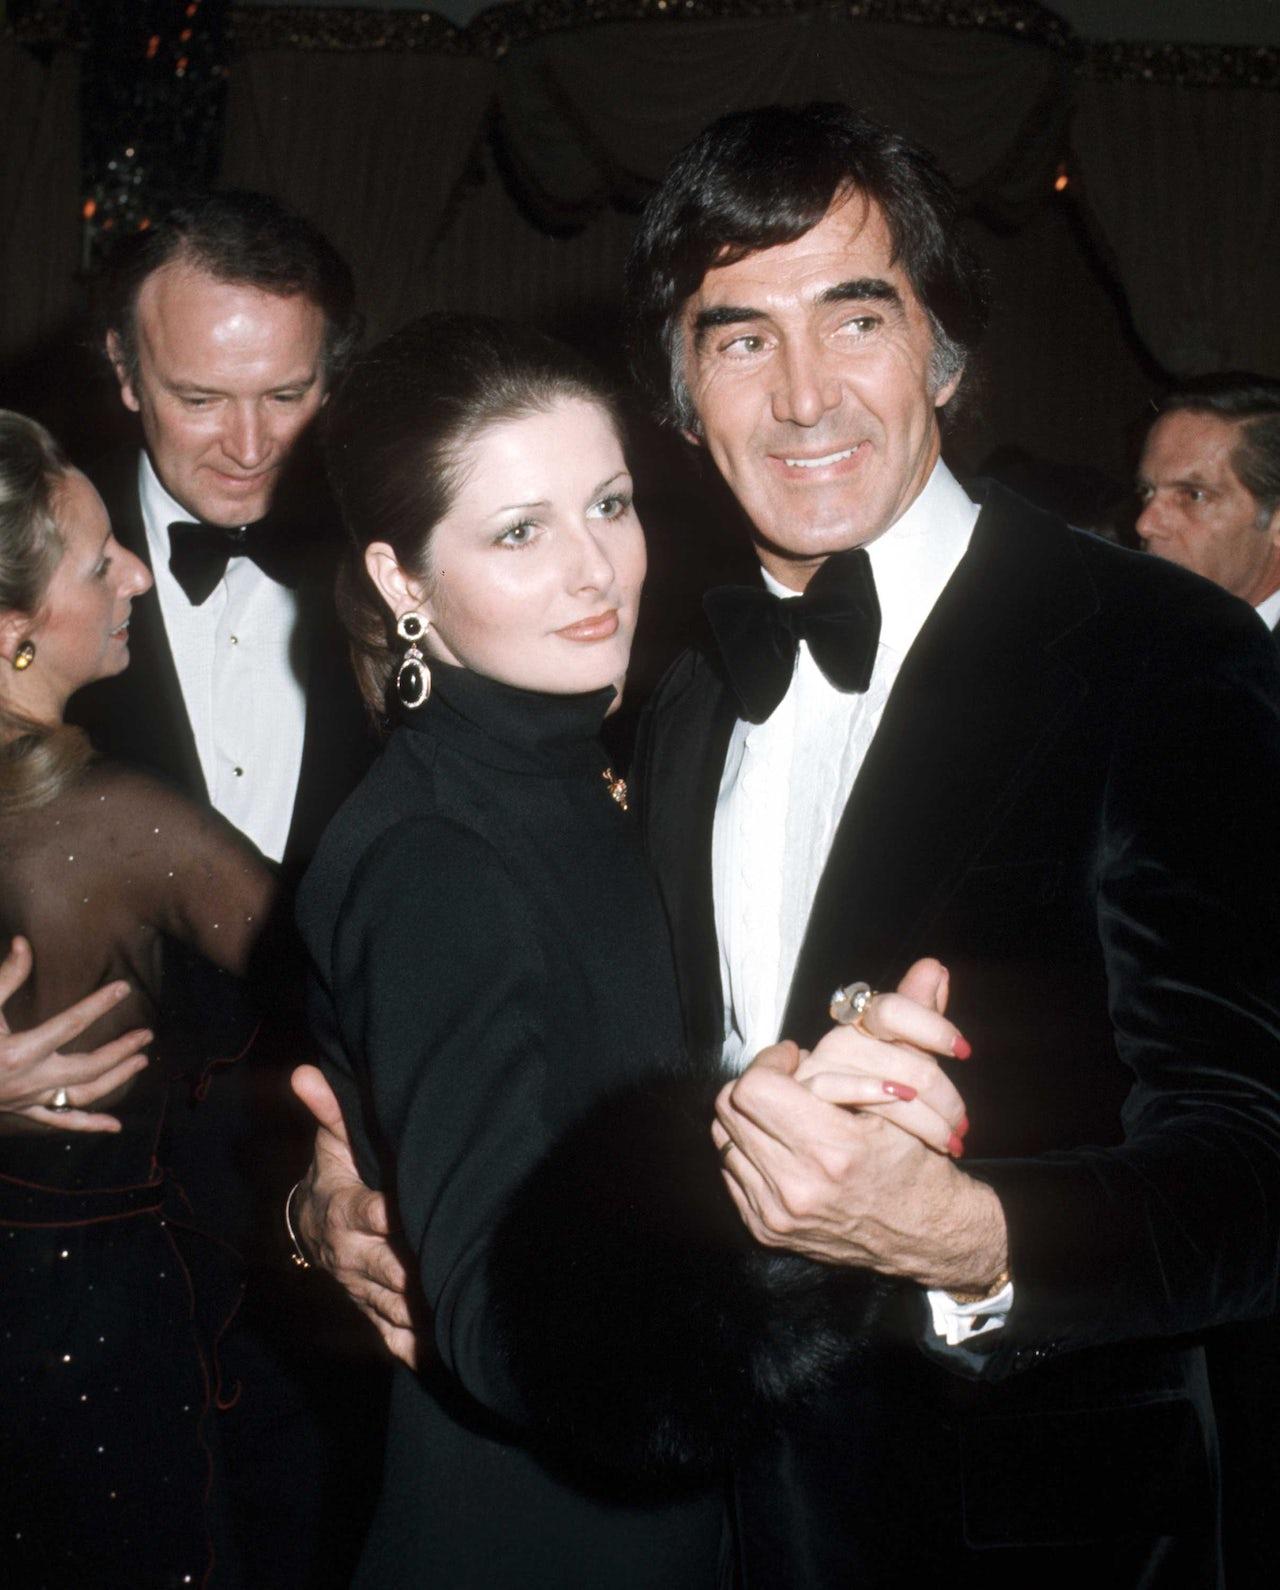 DeLorean with his third wife, Cristina Ferrare.